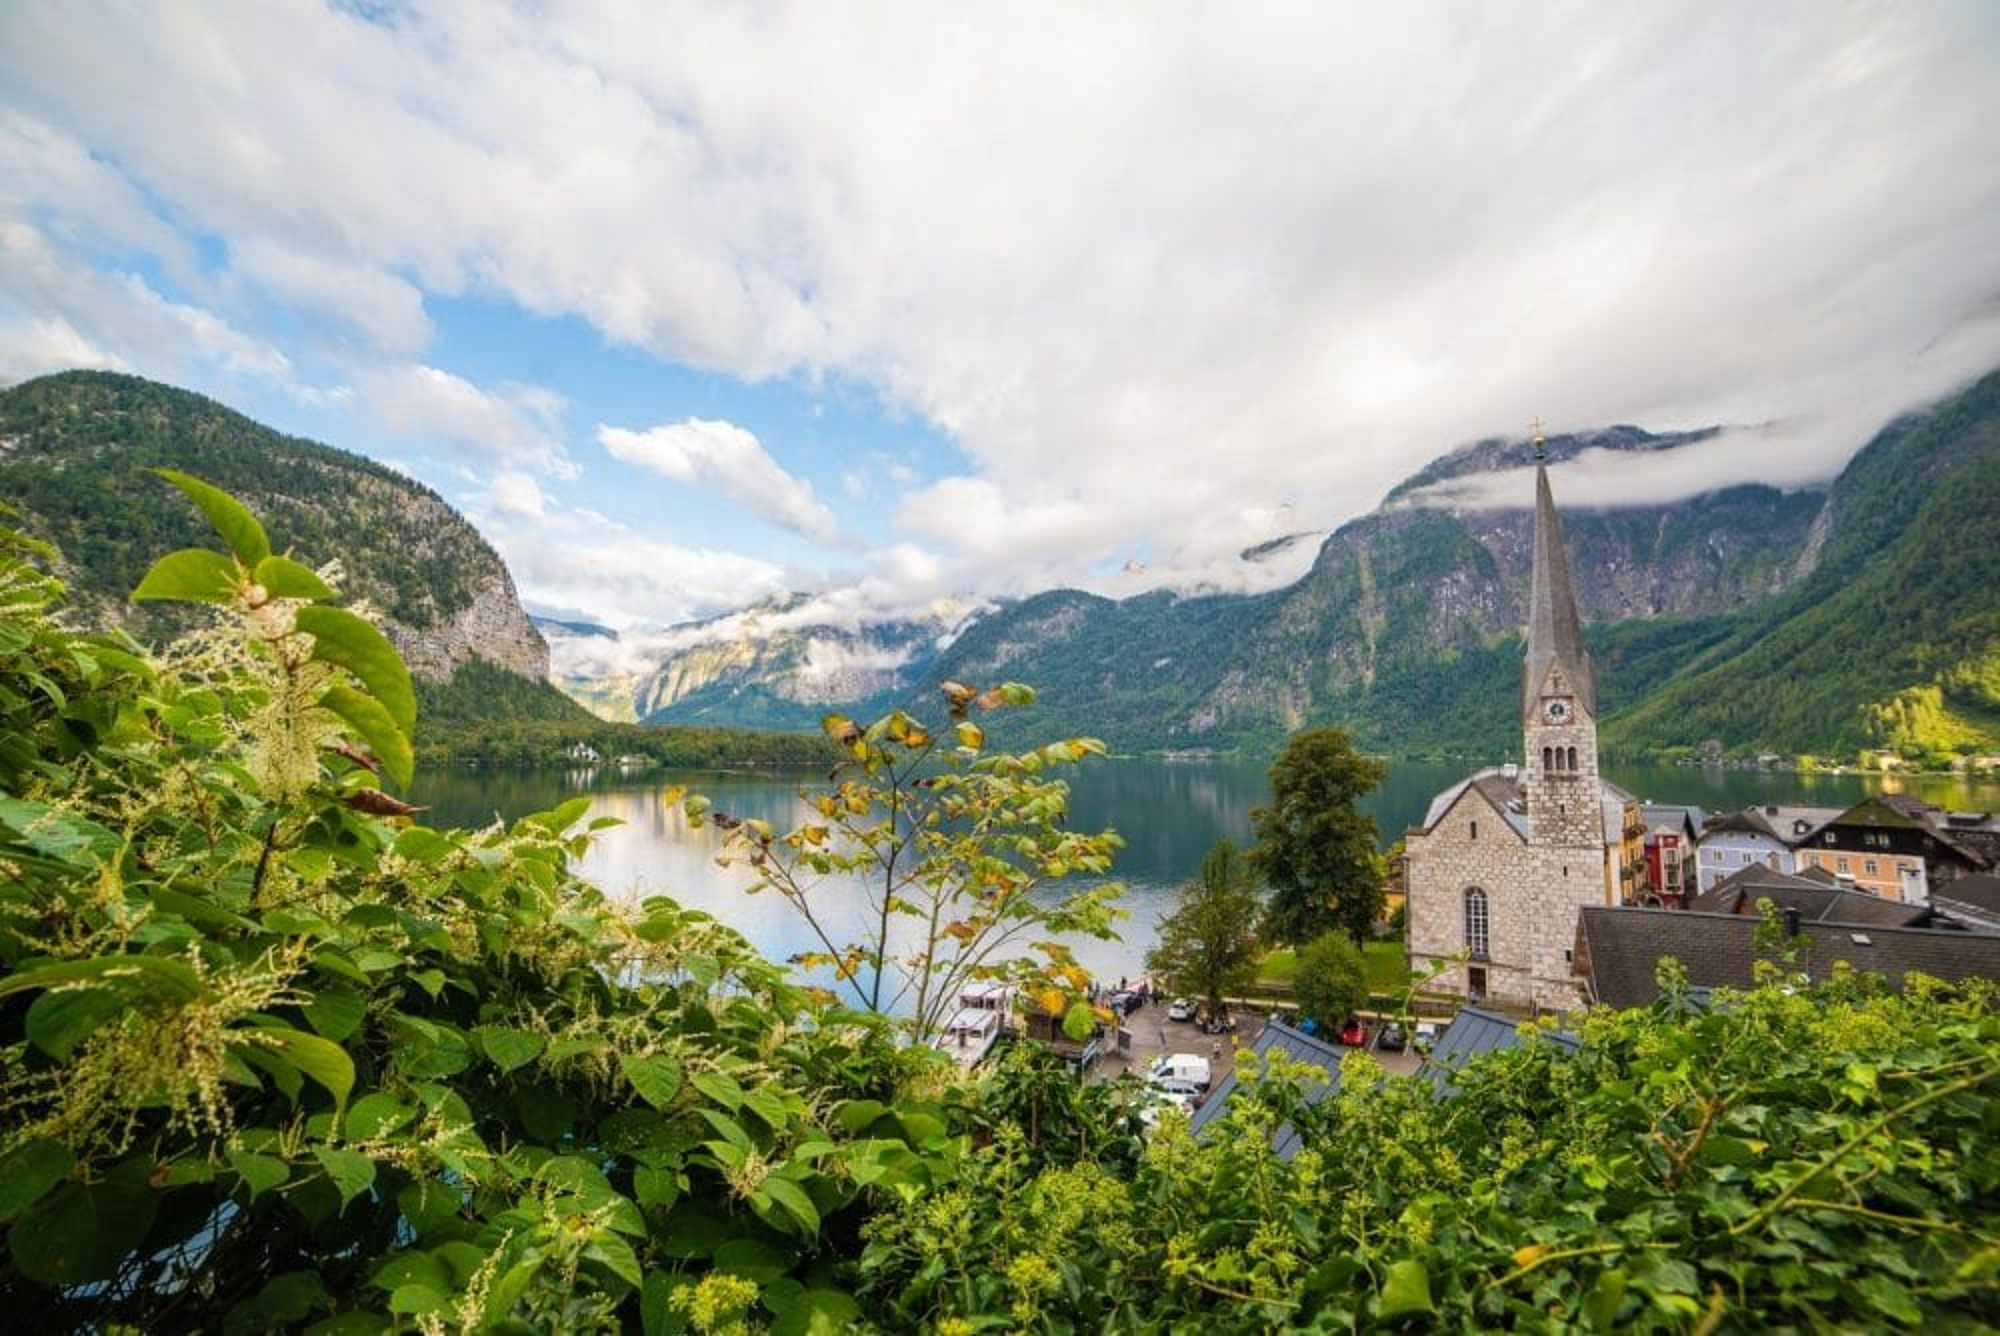 Visiter l'Autriche